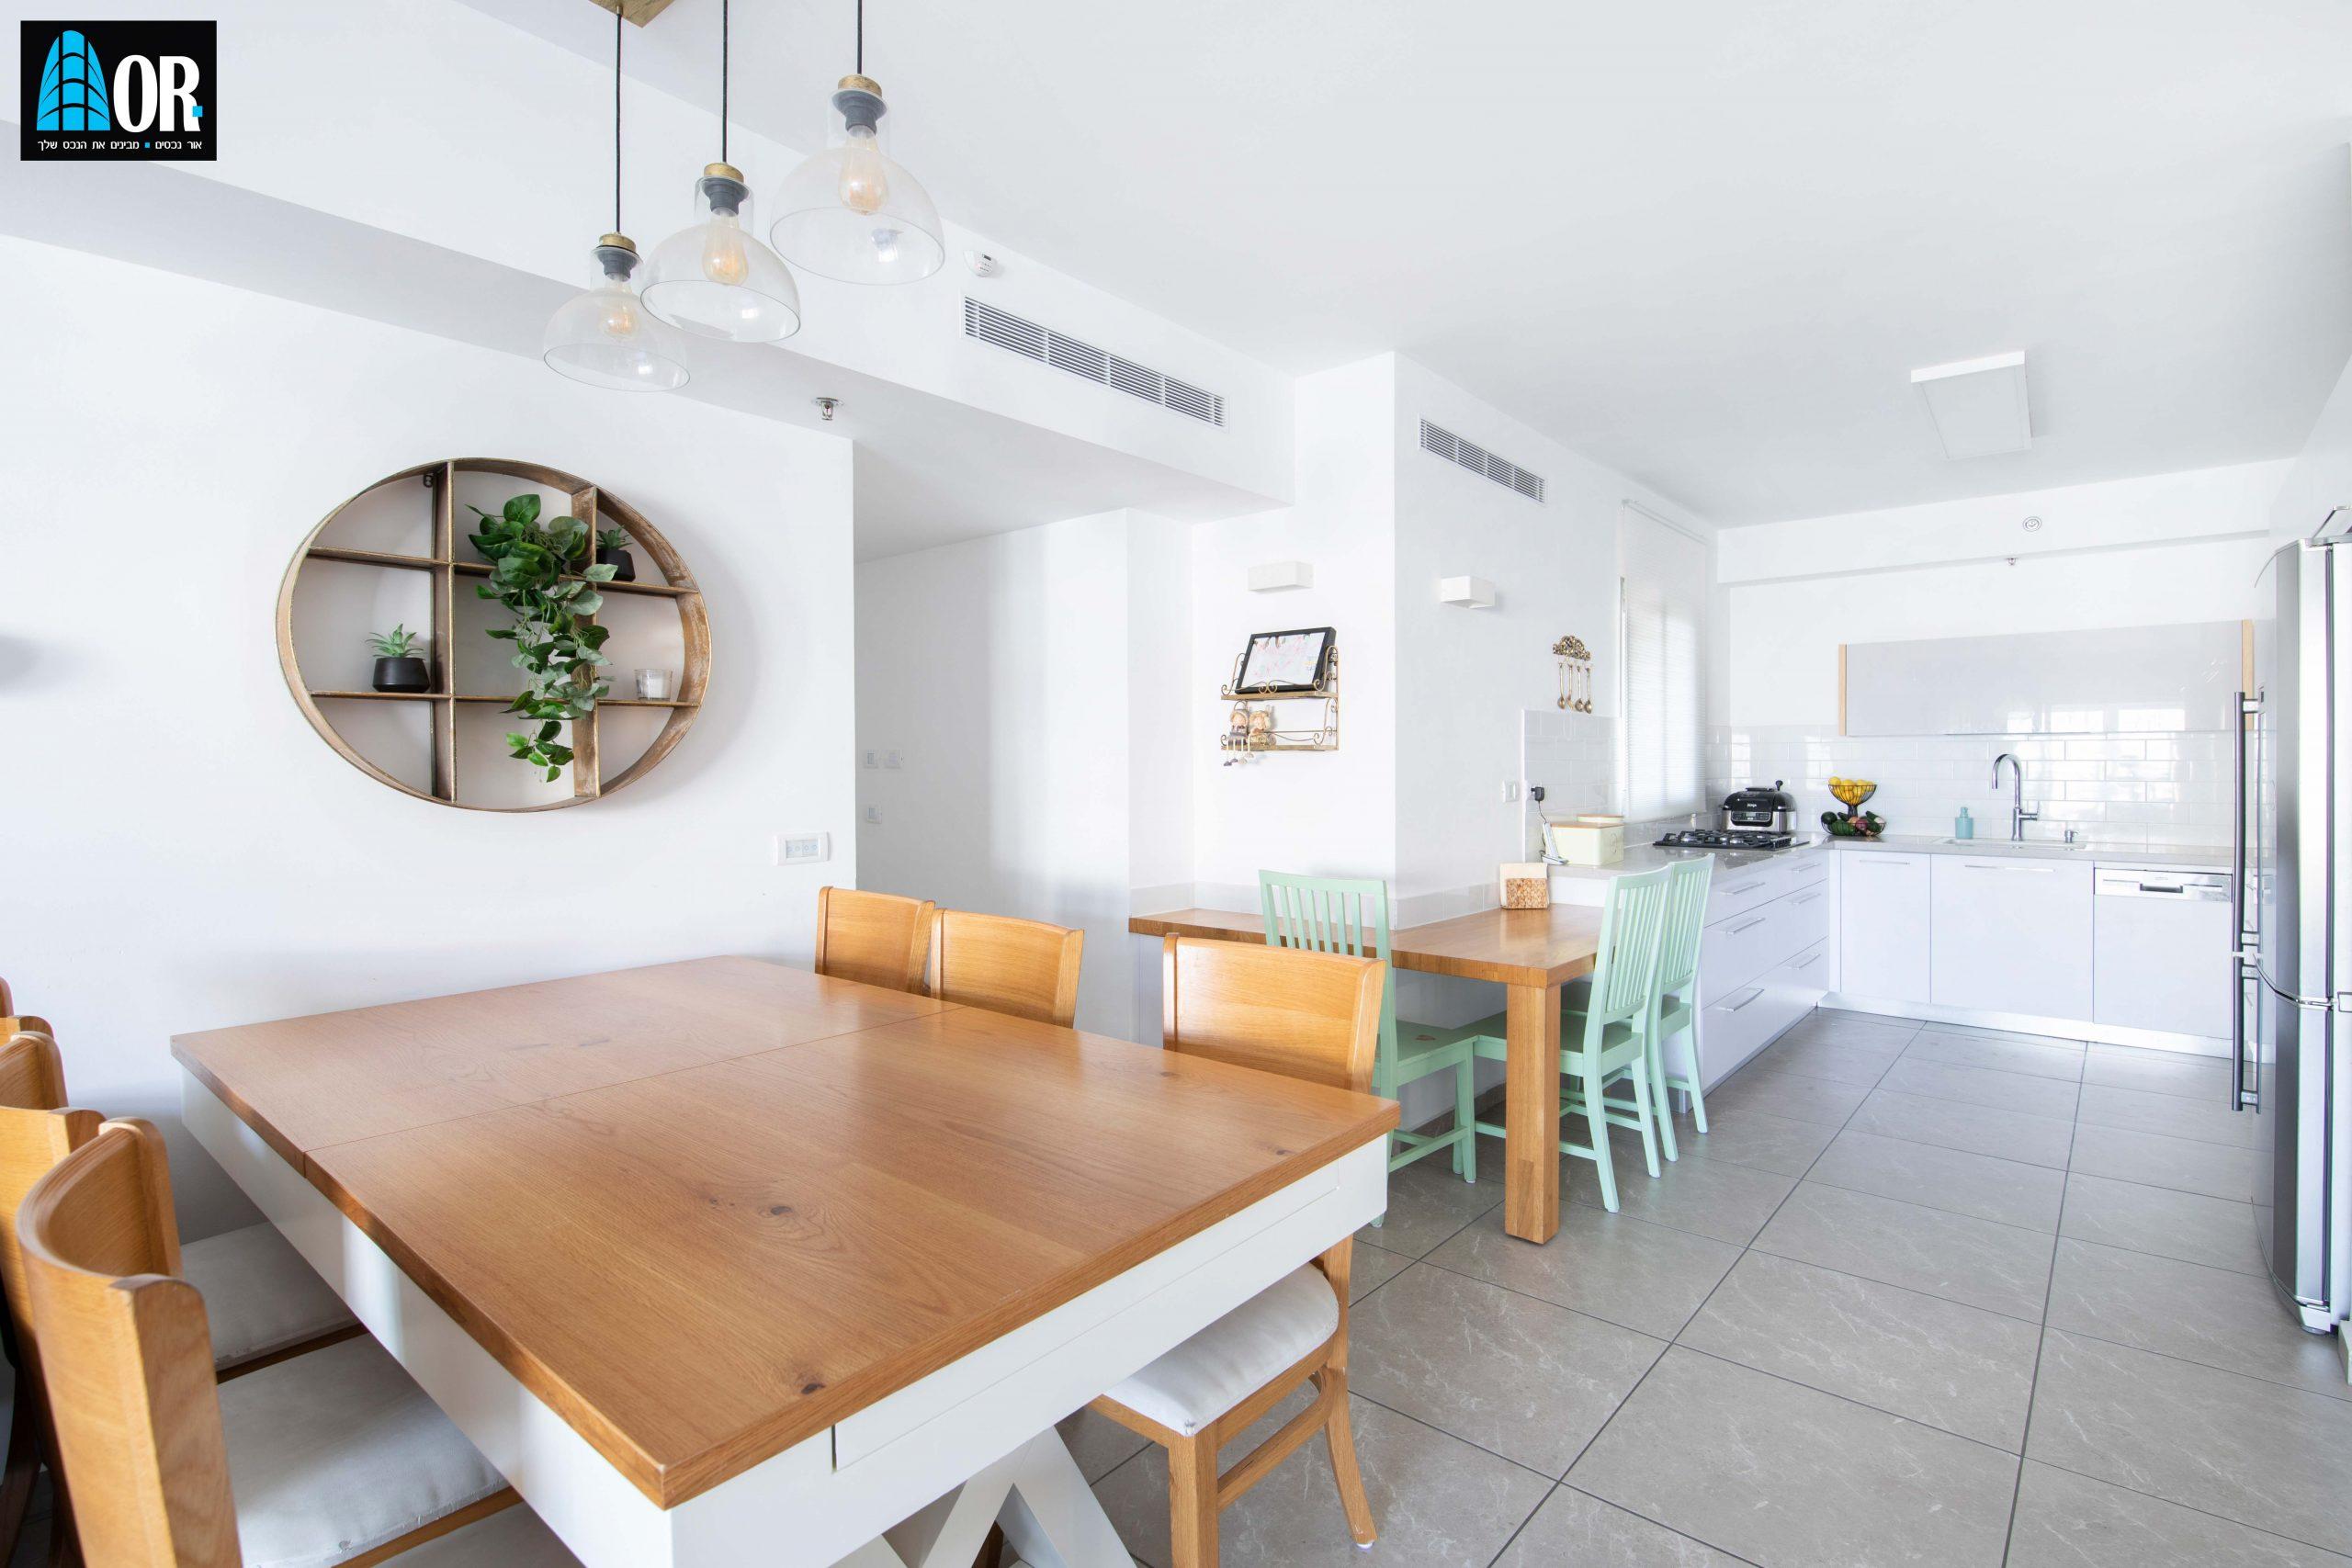 פינת אוכל דירה 5 חדרים שכונה צמרות